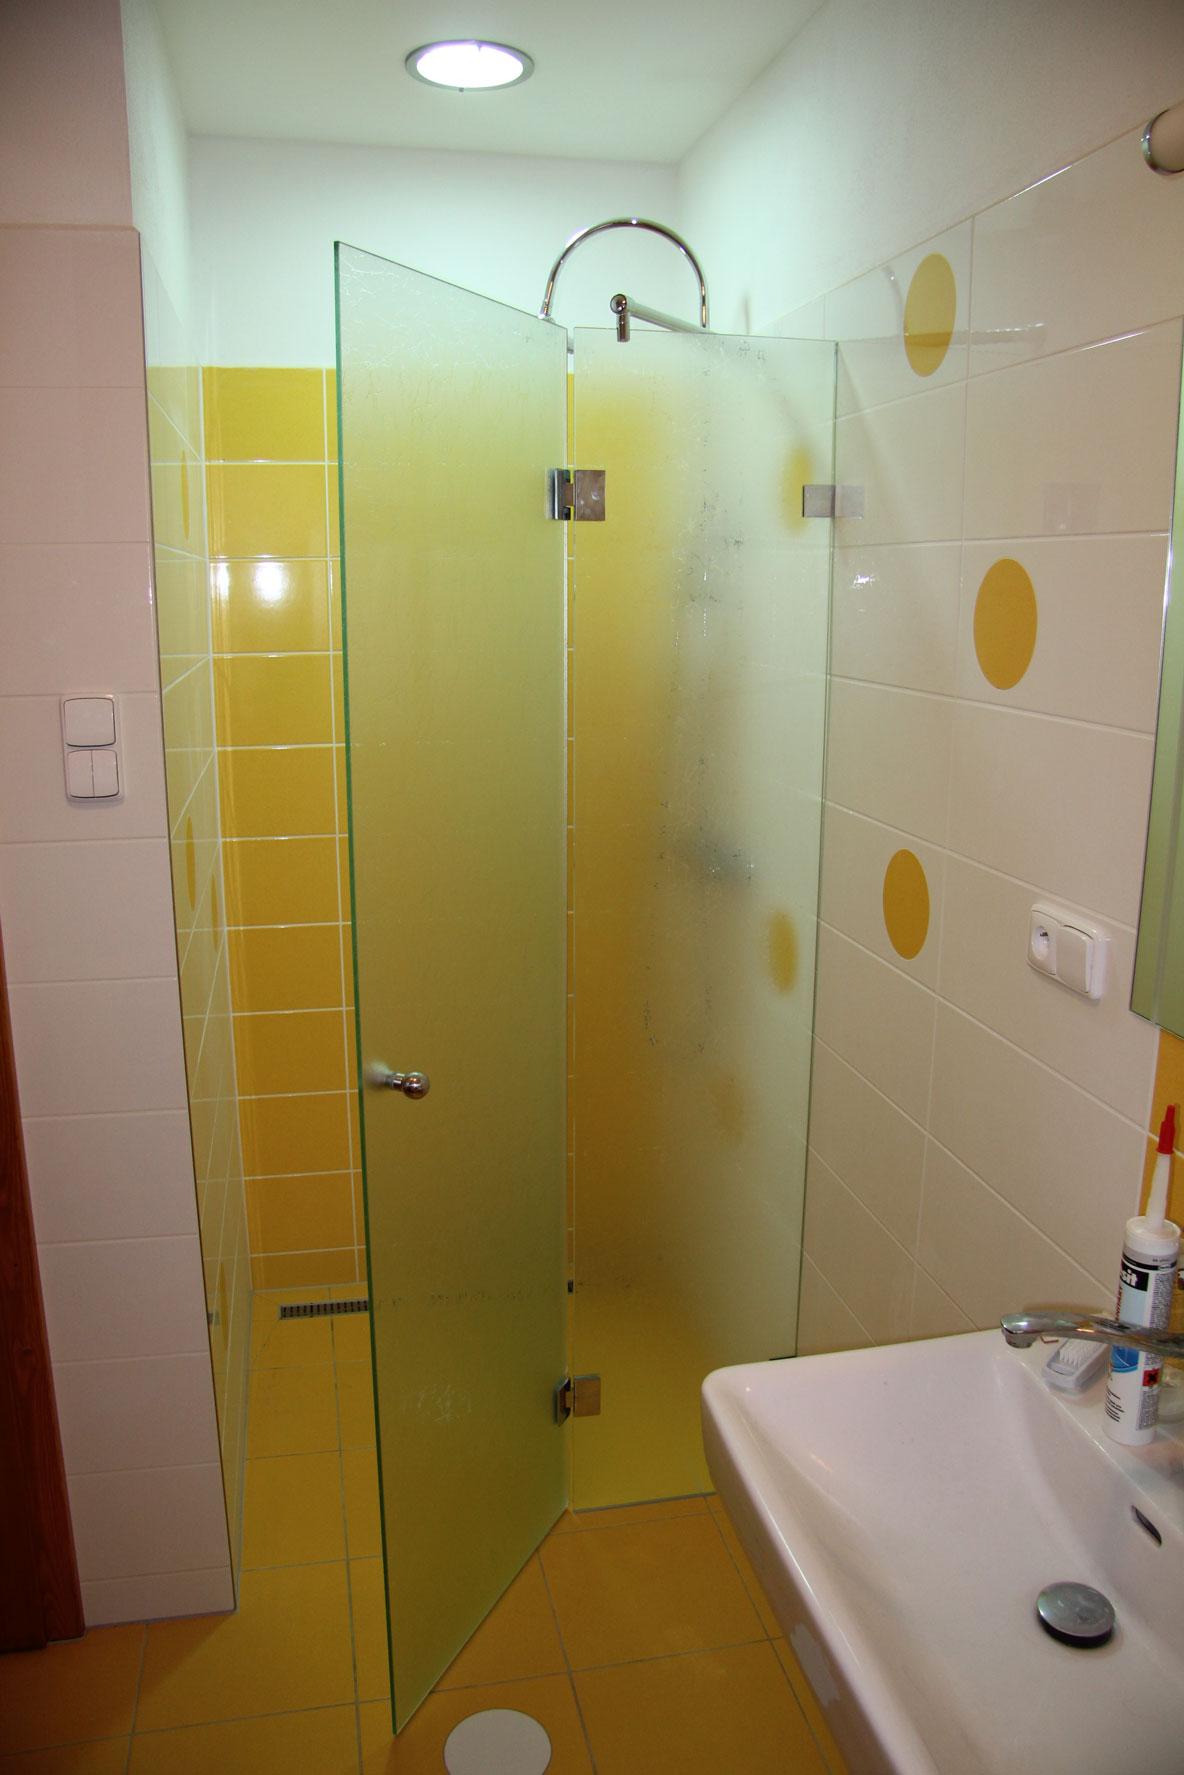 Sklenarstvi-Prerost-sprchove- kouty-a-sprchy (35)